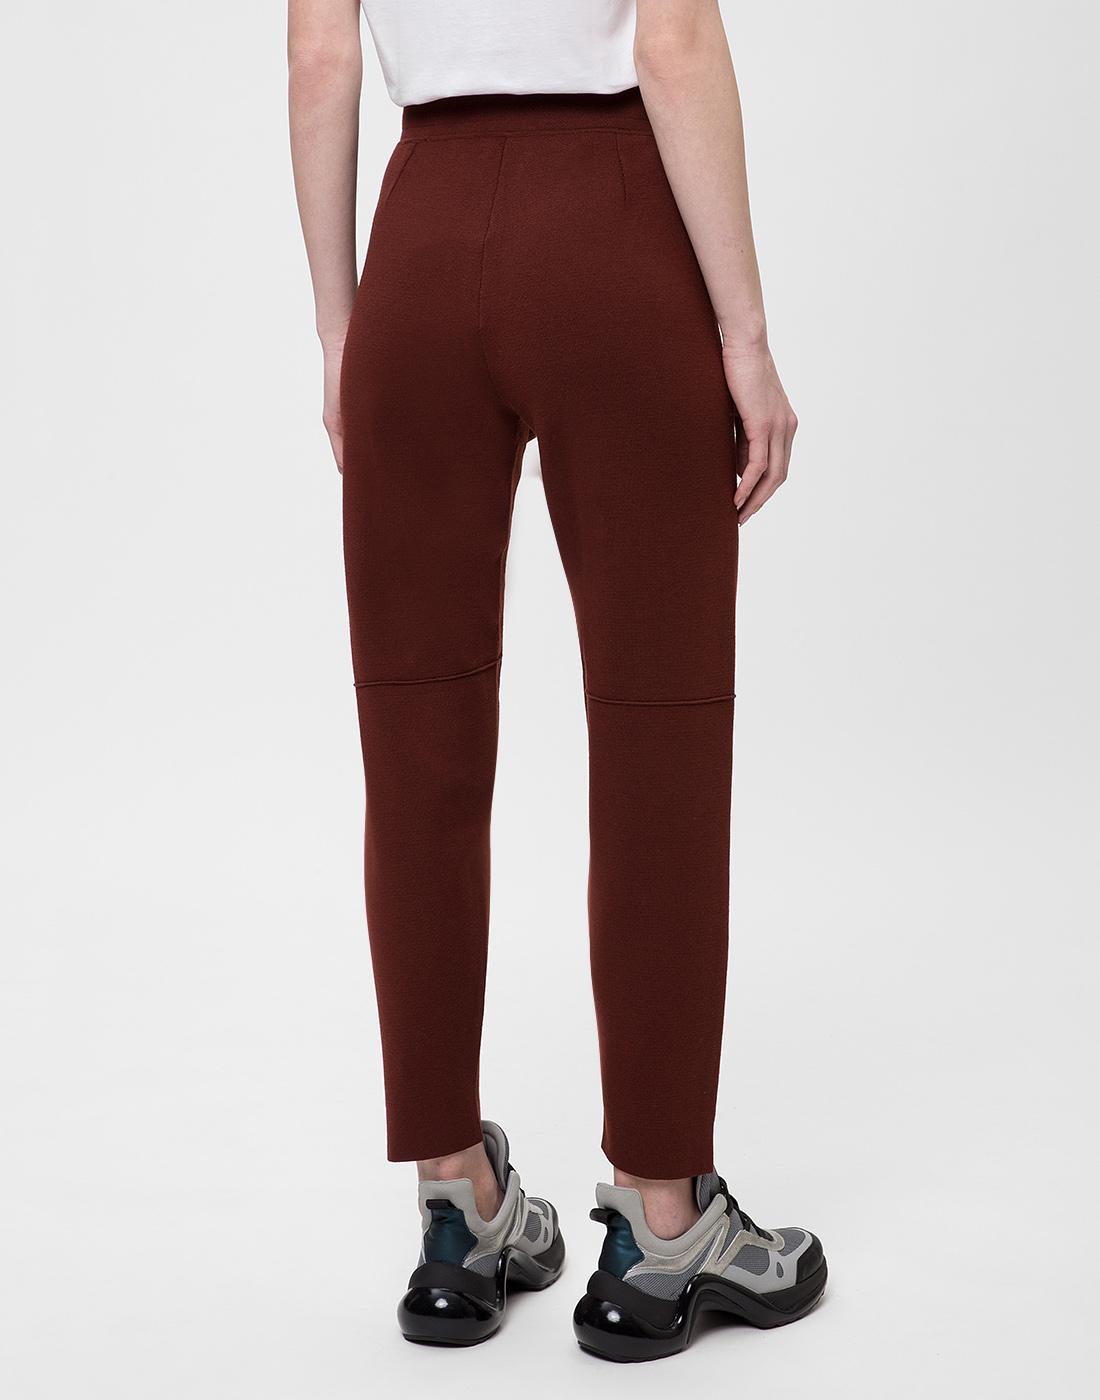 Женские коричневые брюки Falke Fashion S64033/5965-4